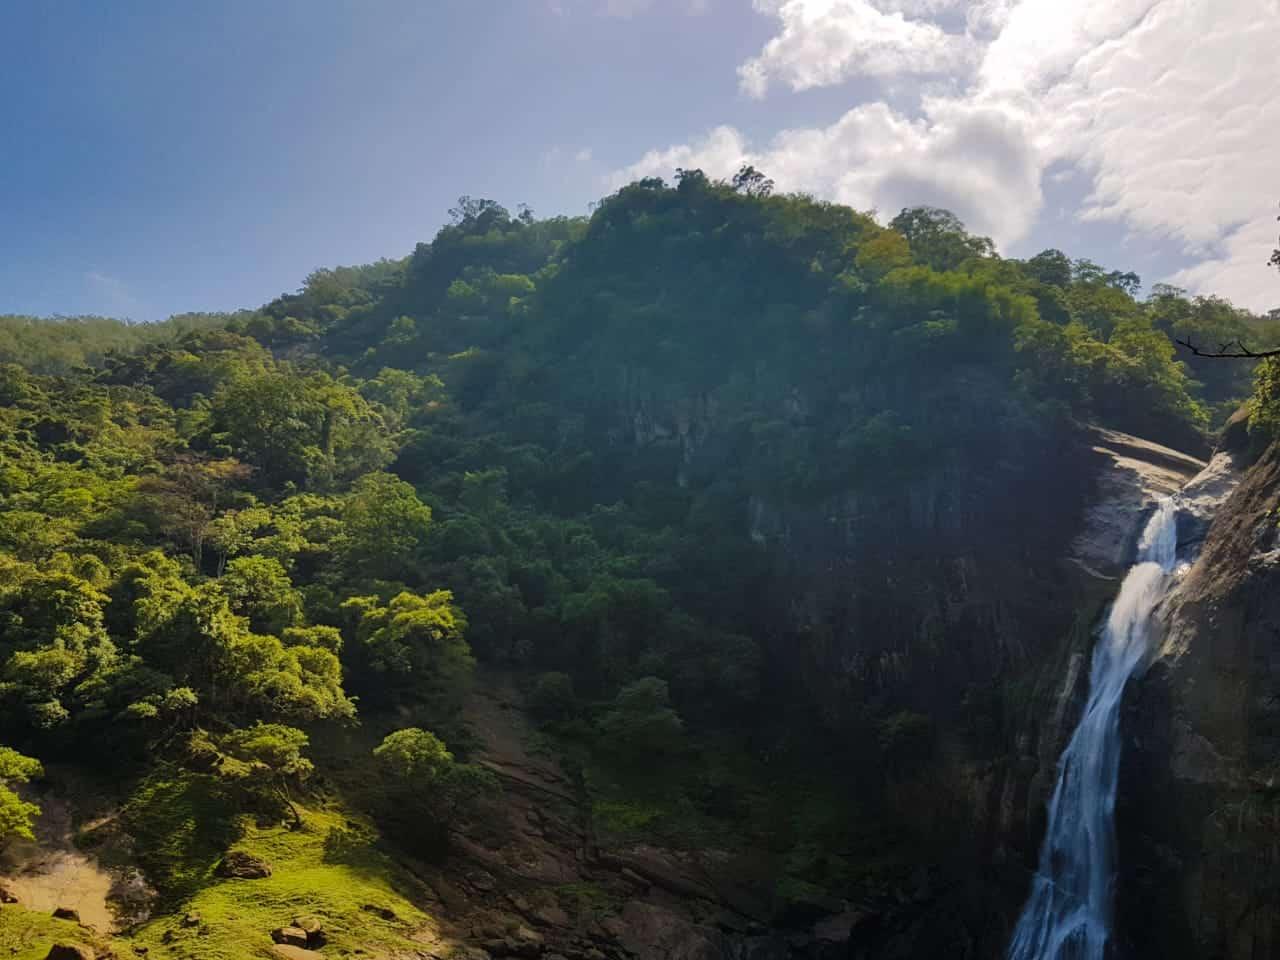 Dunhinda falls, Sri lanka,water fall, beautiful water fall